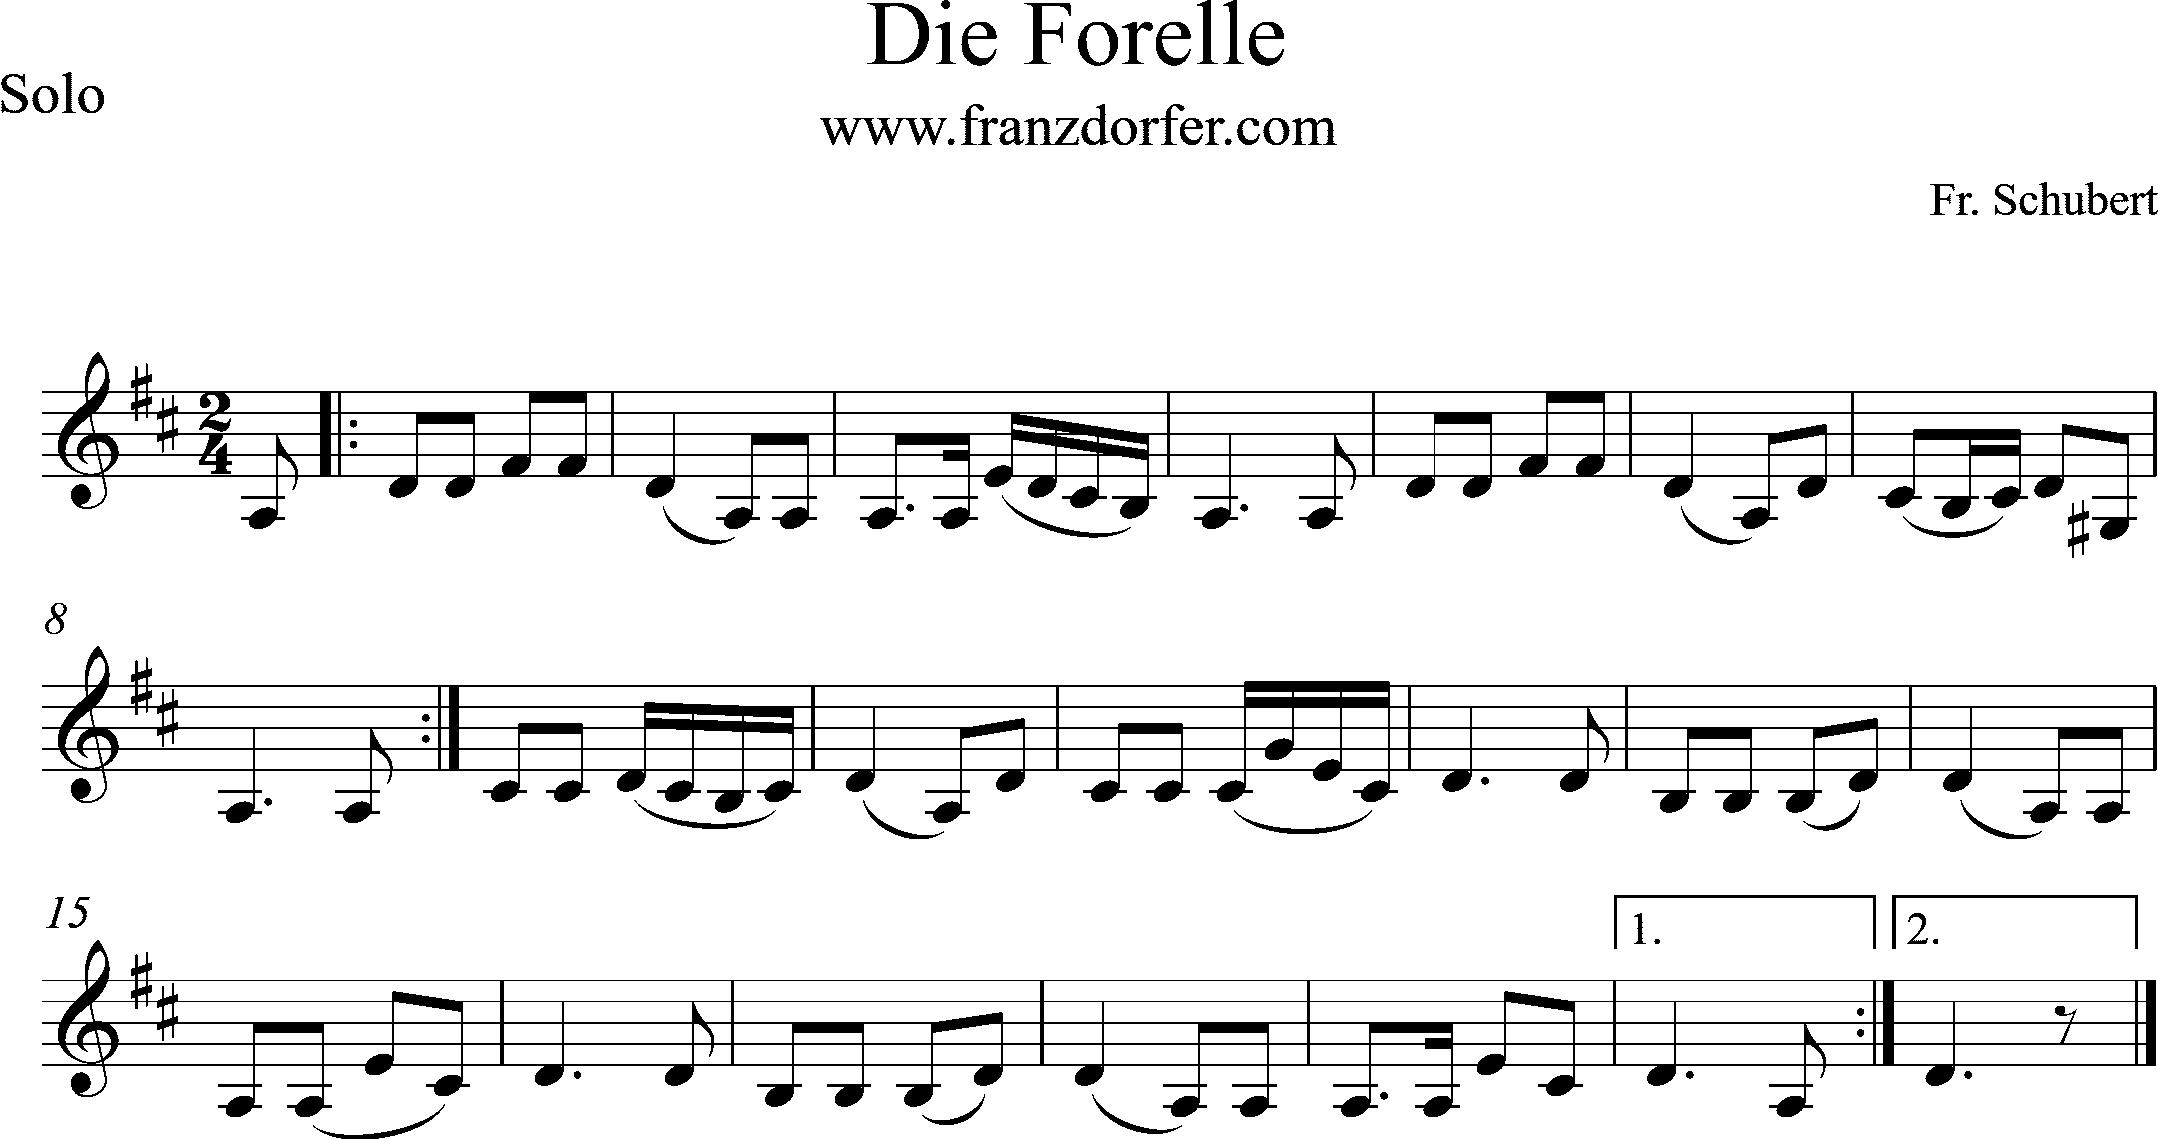 Clarinet. Die Forelle